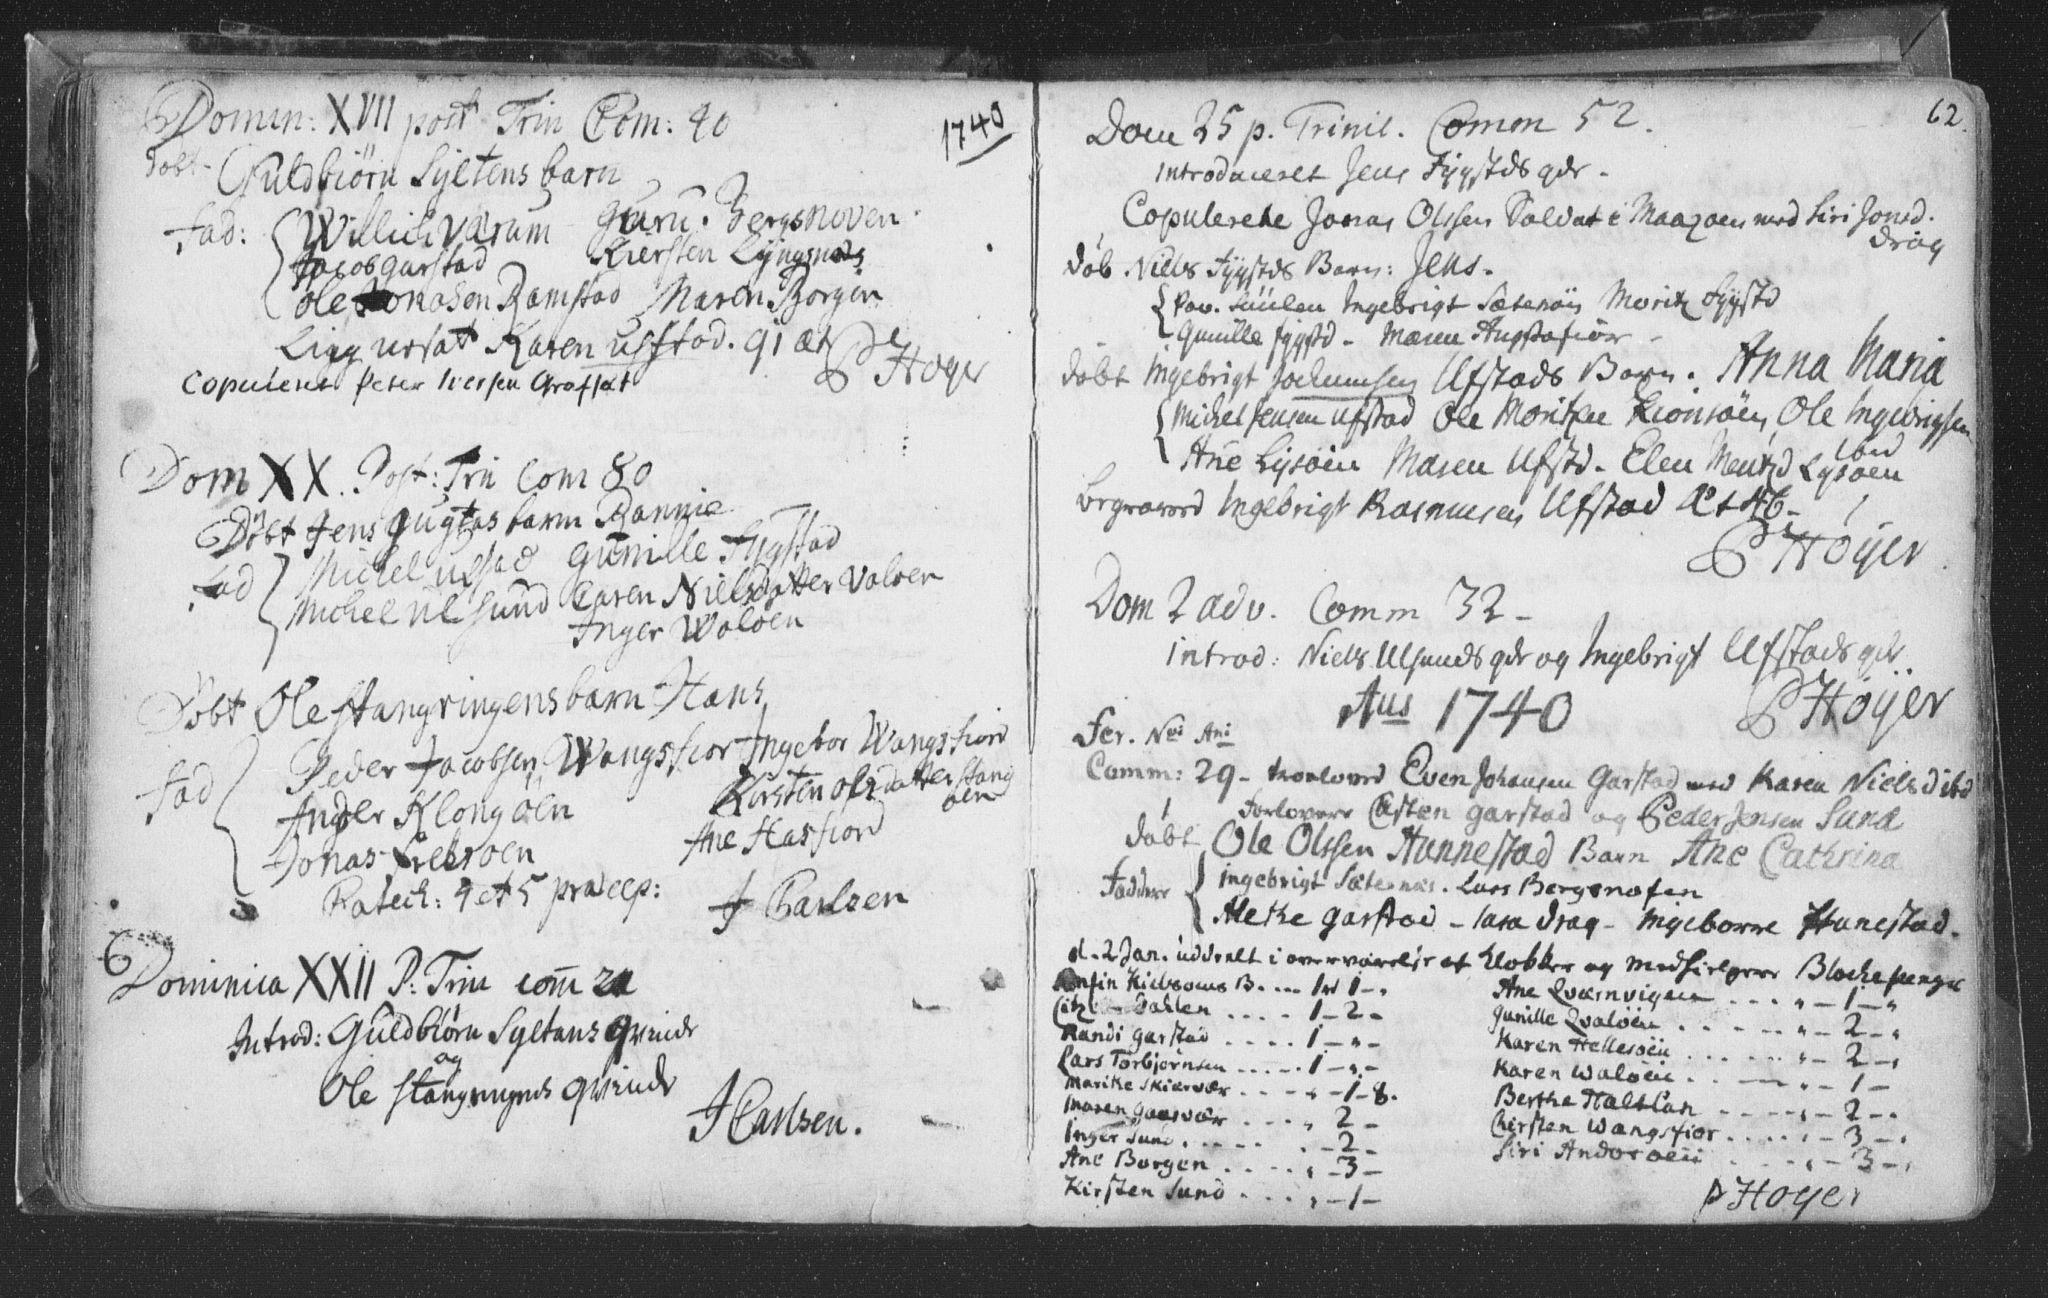 SAT, Ministerialprotokoller, klokkerbøker og fødselsregistre - Nord-Trøndelag, 786/L0685: Ministerialbok nr. 786A01, 1710-1798, s. 62